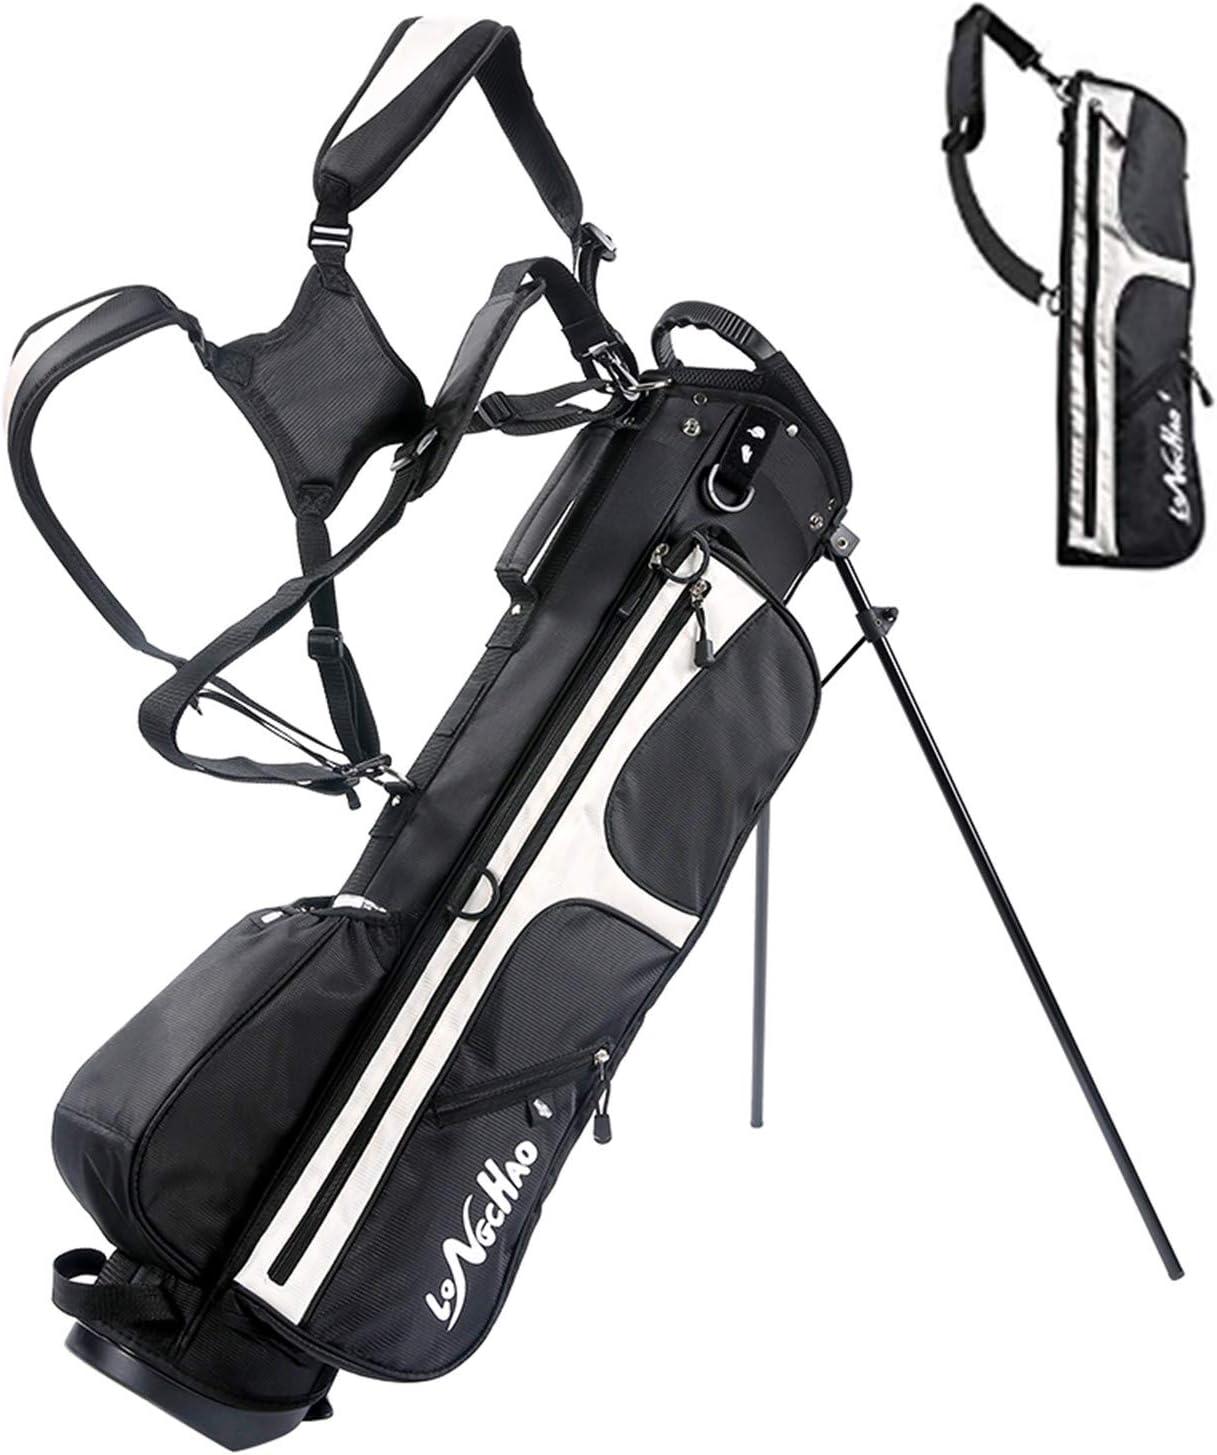 LONGCHAO Golf Bag for Men- Black White Stand Golf Bag